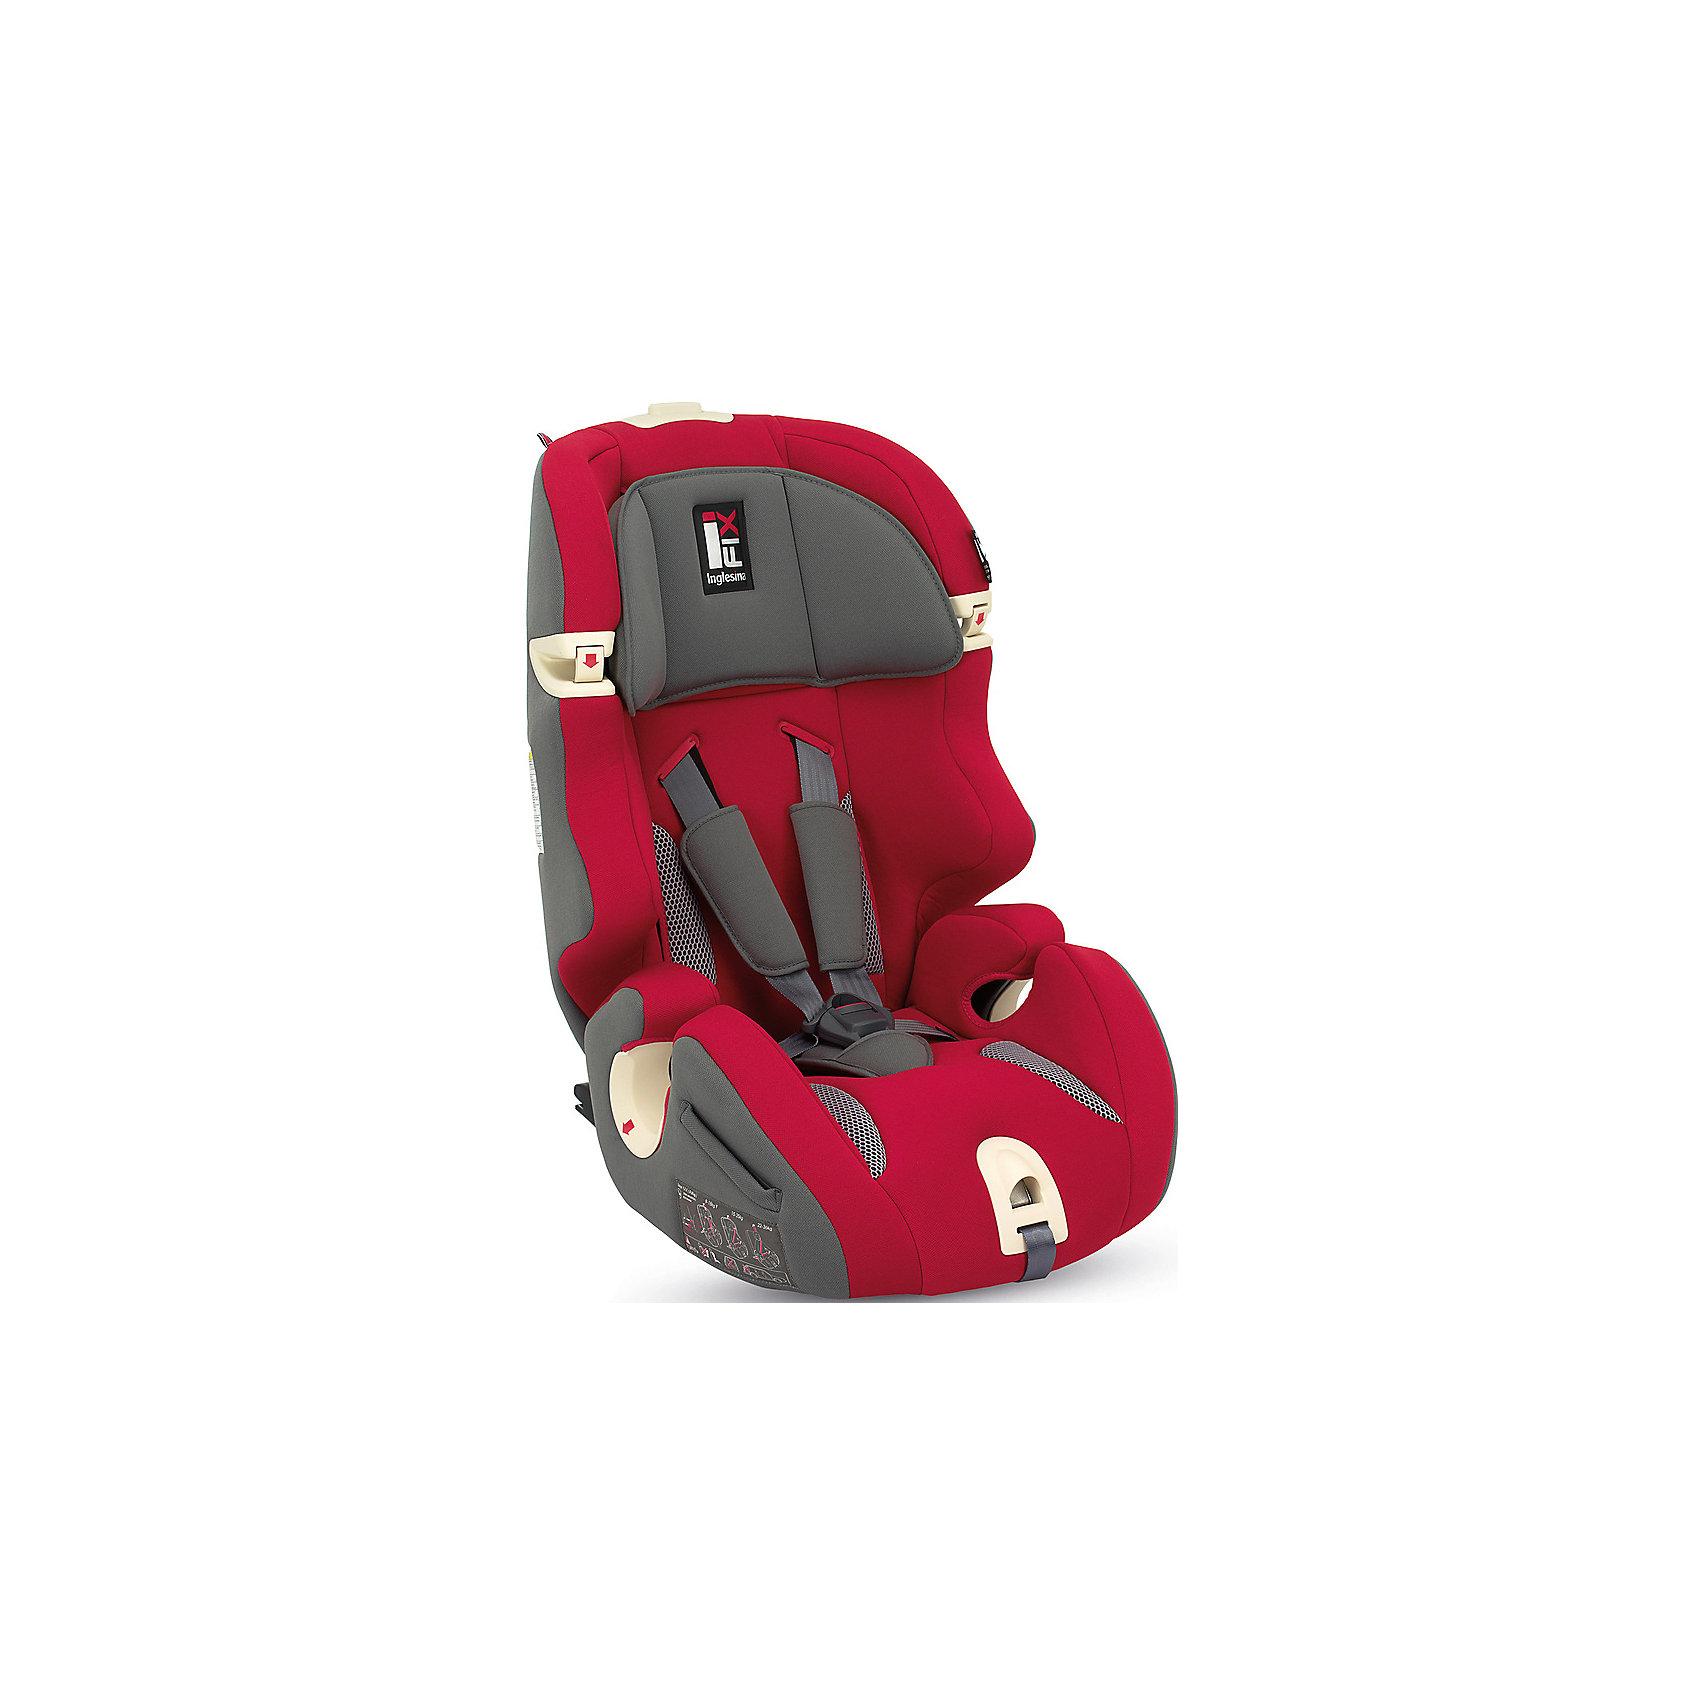 Автокресло Prime Miglia  9-36 кг. I-FIX, Inglesina, RedАвтокресло Prime Miglia - прекрасный вариант для поездок и путешествий. Кресло крепится в машине с помощью креплений IsoFix. Сначала дети фиксируются  внутренними ремнями с мягкими накладками, а когда ребенок подрастет (достигнет роста более 1 м) - обычными штатными ремнями автомобиля. Технология Side Head Protection защитит малышей от боковых ударов. Подголовник в Inglesina Prime Miglia можно регулировать по ширине. Он жёстко соединён со спинкой, поэтому регулировка высоты конструктивно осуществляется поднятием спинки. Кресло обладает удобной универсальной конструкцией и приятной на ощупь обивкой. Чехлы сшиты из практичной и прочной ткани. Их можно снимать и стирать в режиме деликатной стирки. <br><br>Дополнительная информация:<br><br>- Материал: текстиль, пластик, металл.<br>- Крепится в машине с помощью креплений IsoFix (или обычным способом).<br>- Размер: 44x70x45 см.<br>- Вес: 6,9 кг.<br>- Может трансформироваться в бустер. <br>- Группа 1/2/3 (9-36 кг).<br>- Устанавливается по ходу  движения. <br>-  Внутренние пятиточечные ремни безопасности для малышей.<br>- Регулировка наклона спинки (в 6 положениях).<br>- Регулируемый подголовник (4 вертикальных положения, 5 горизонтальных положения.<br>- Съемные чехлы.<br><br>Автокресло Prime Miglia  9-36 кг. I-FIX, Inglesina (Инглезина), Red, можно купить в нашем магазине.<br><br>Ширина мм: 480<br>Глубина мм: 465<br>Высота мм: 845<br>Вес г: 8600<br>Возраст от месяцев: 9<br>Возраст до месяцев: 144<br>Пол: Унисекс<br>Возраст: Детский<br>SKU: 4764265